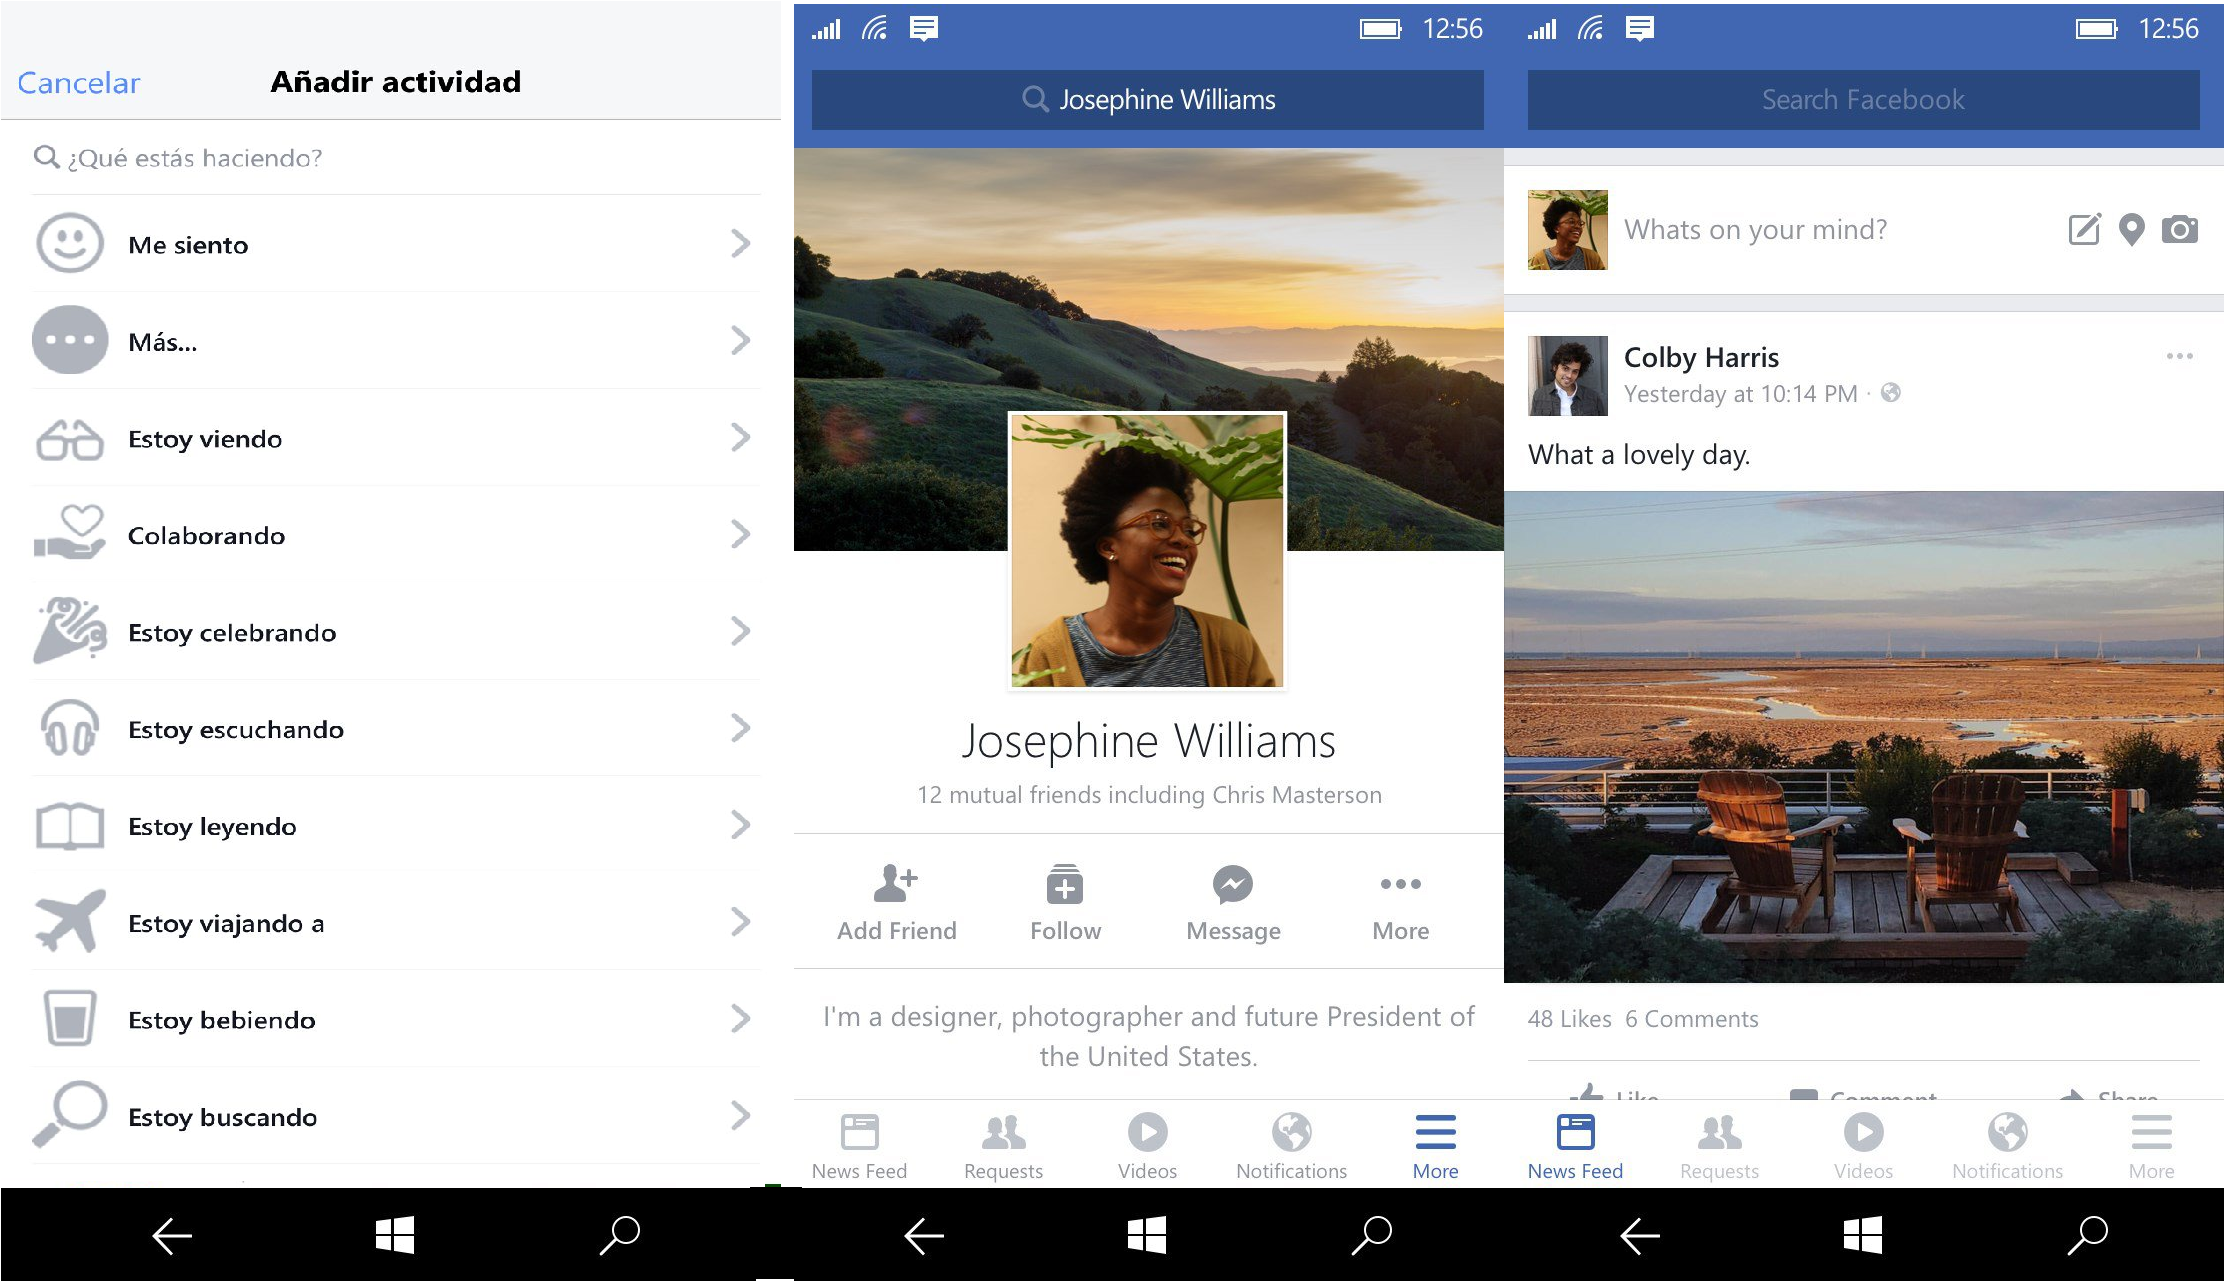 Facebook oficial windows 10 mobile capturas2